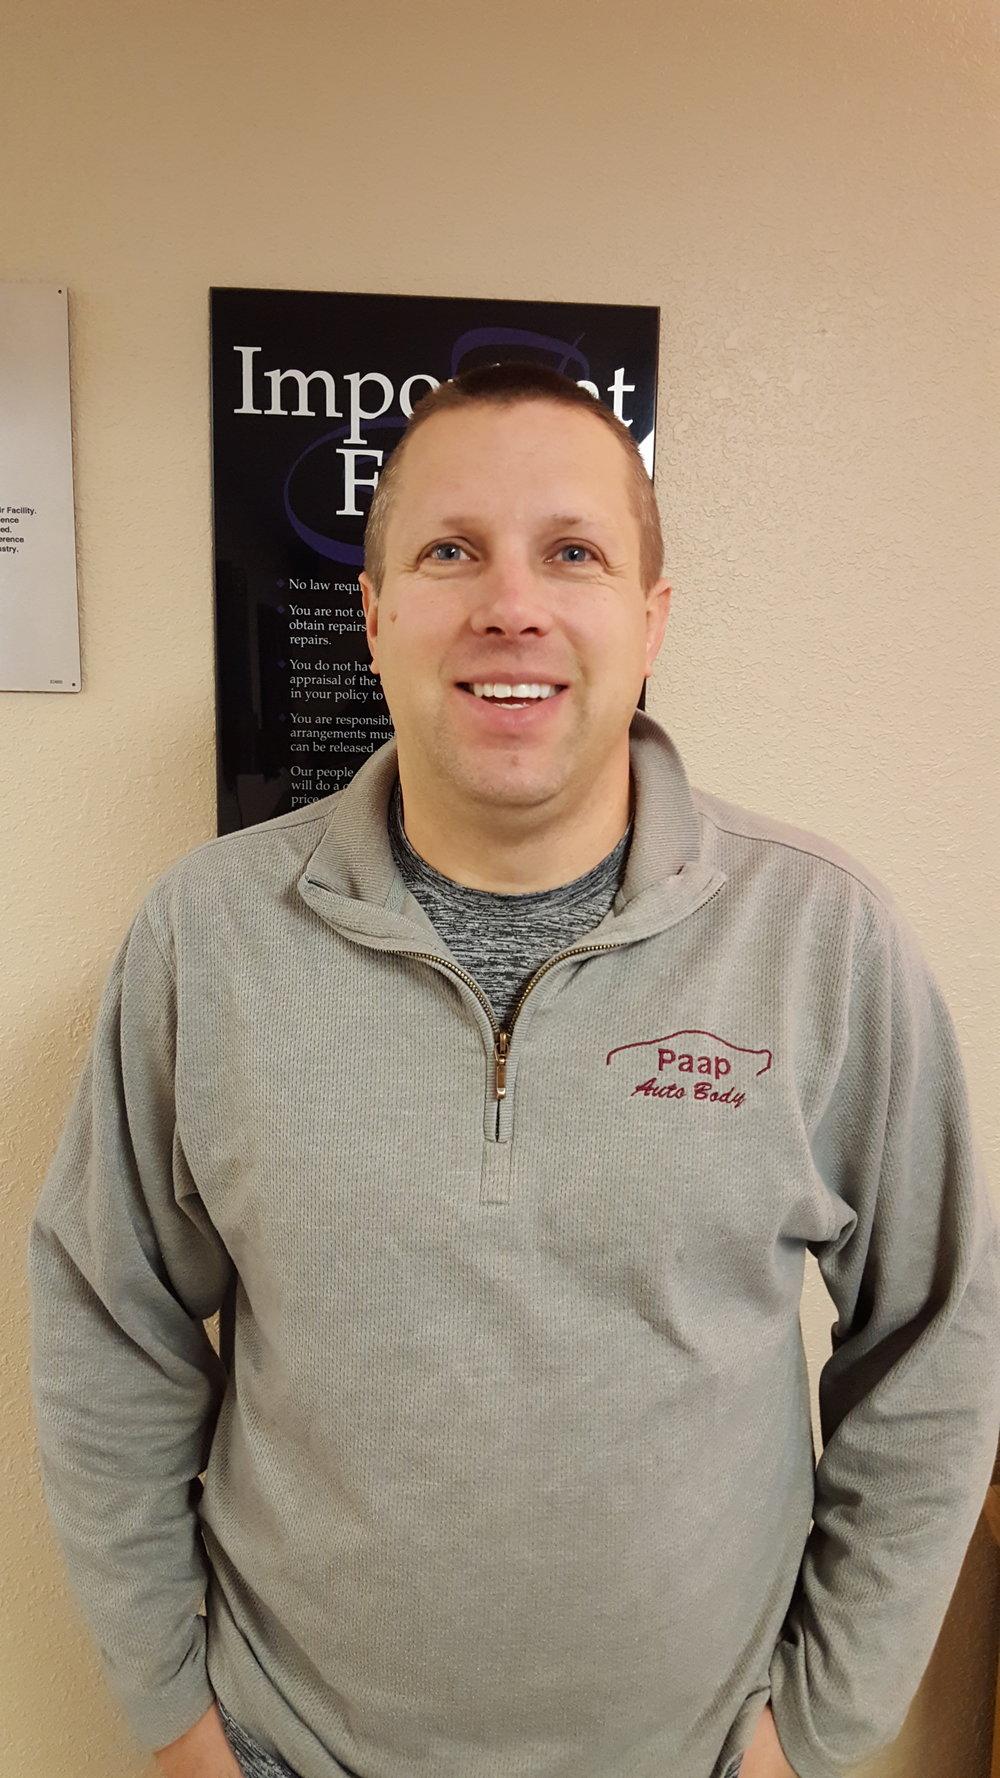 Tim Paap